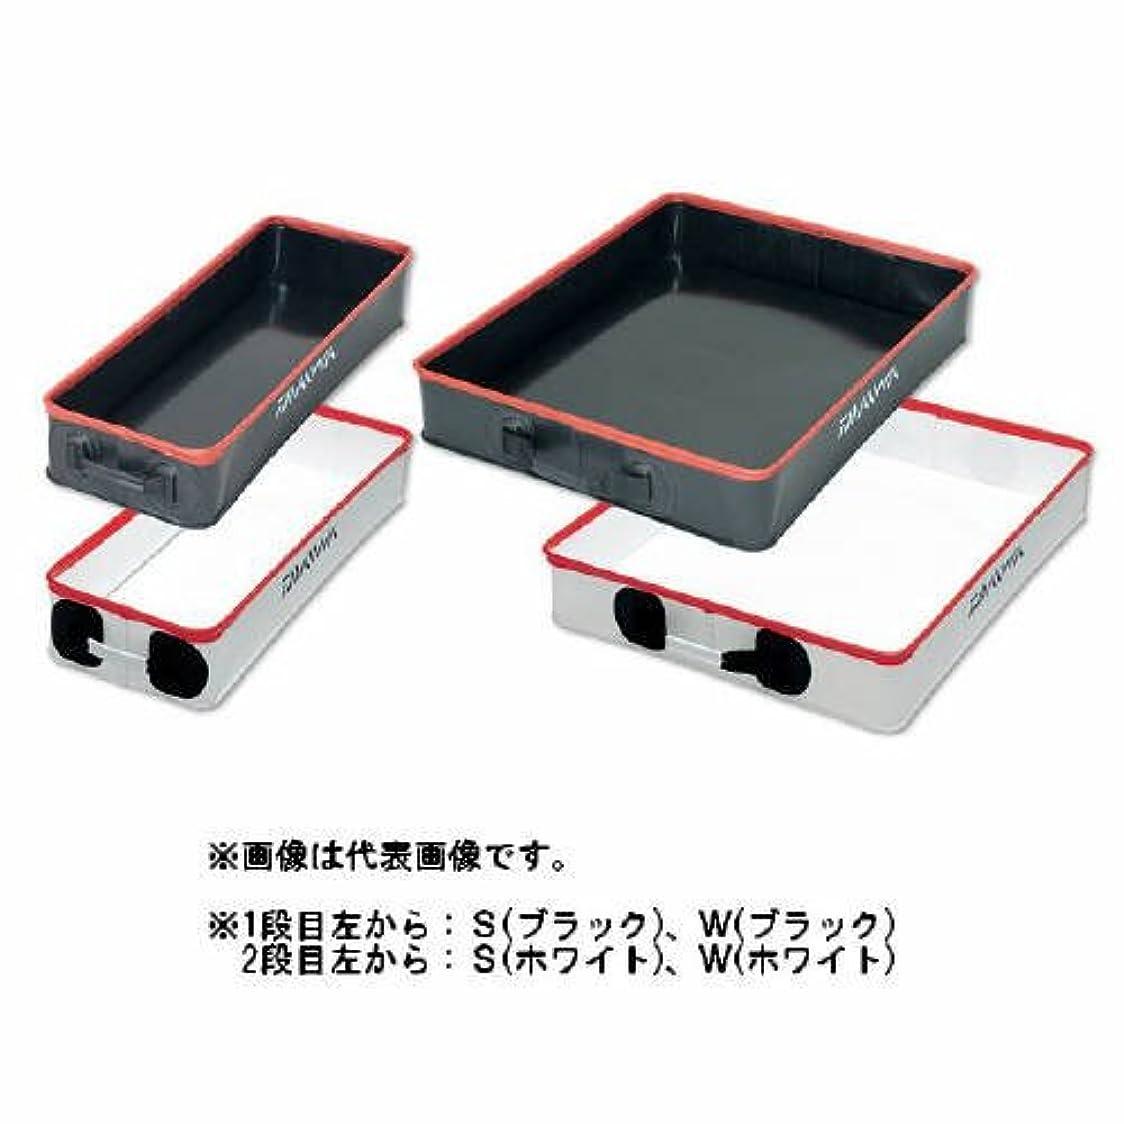 リベラル鎖スペクトラムダイワ(Daiwa) タックルバッグ タックルトレー W(A) ホワイト